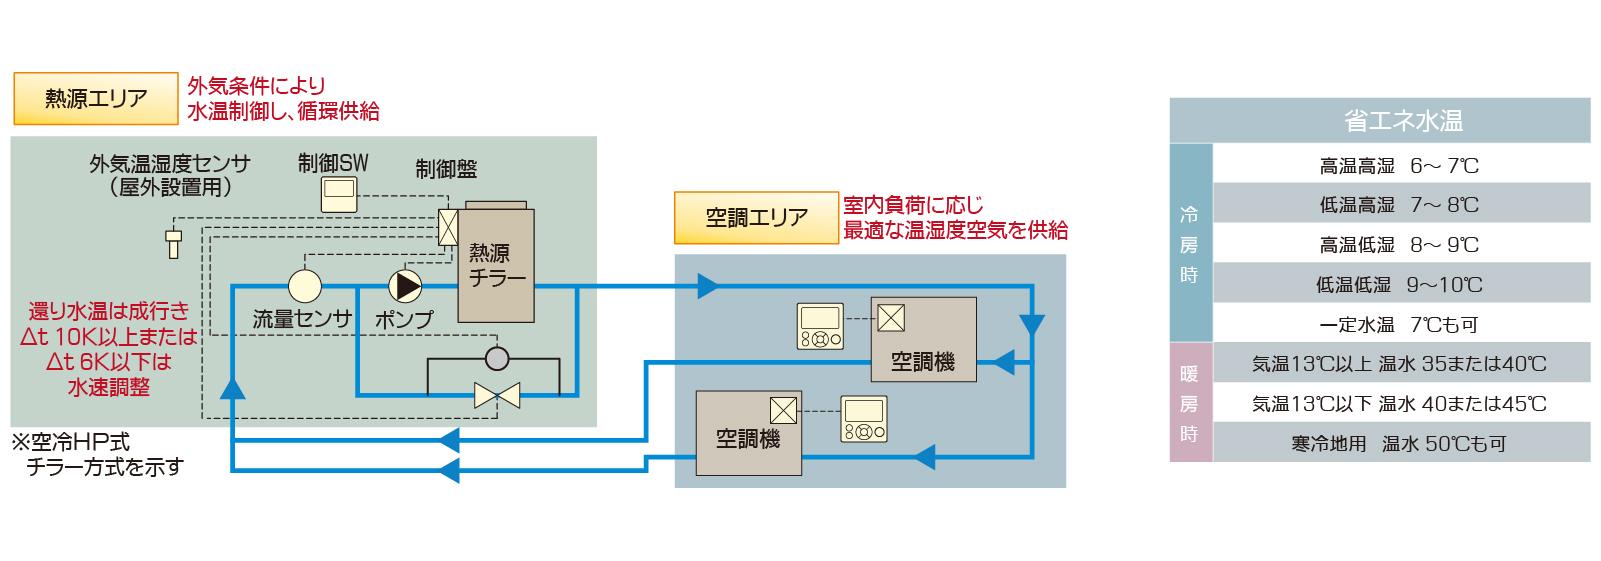 調温調湿空調システム 自動制御